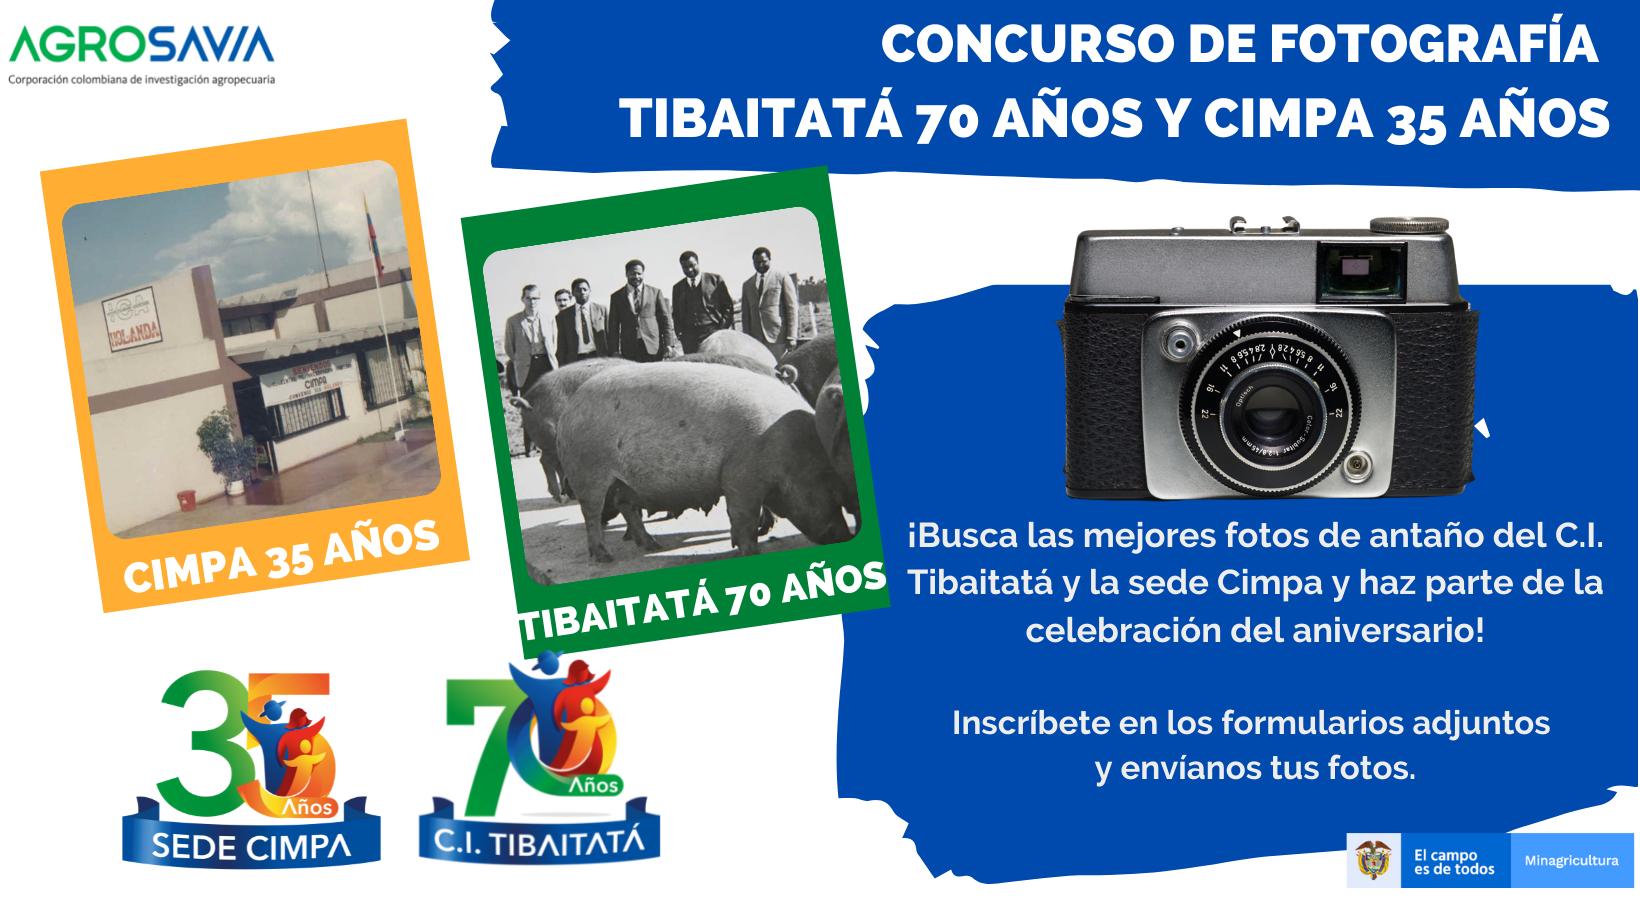 Arrancan los concursos de fotografía: TIBAITATÁ 70 años y CIMPA 35 años